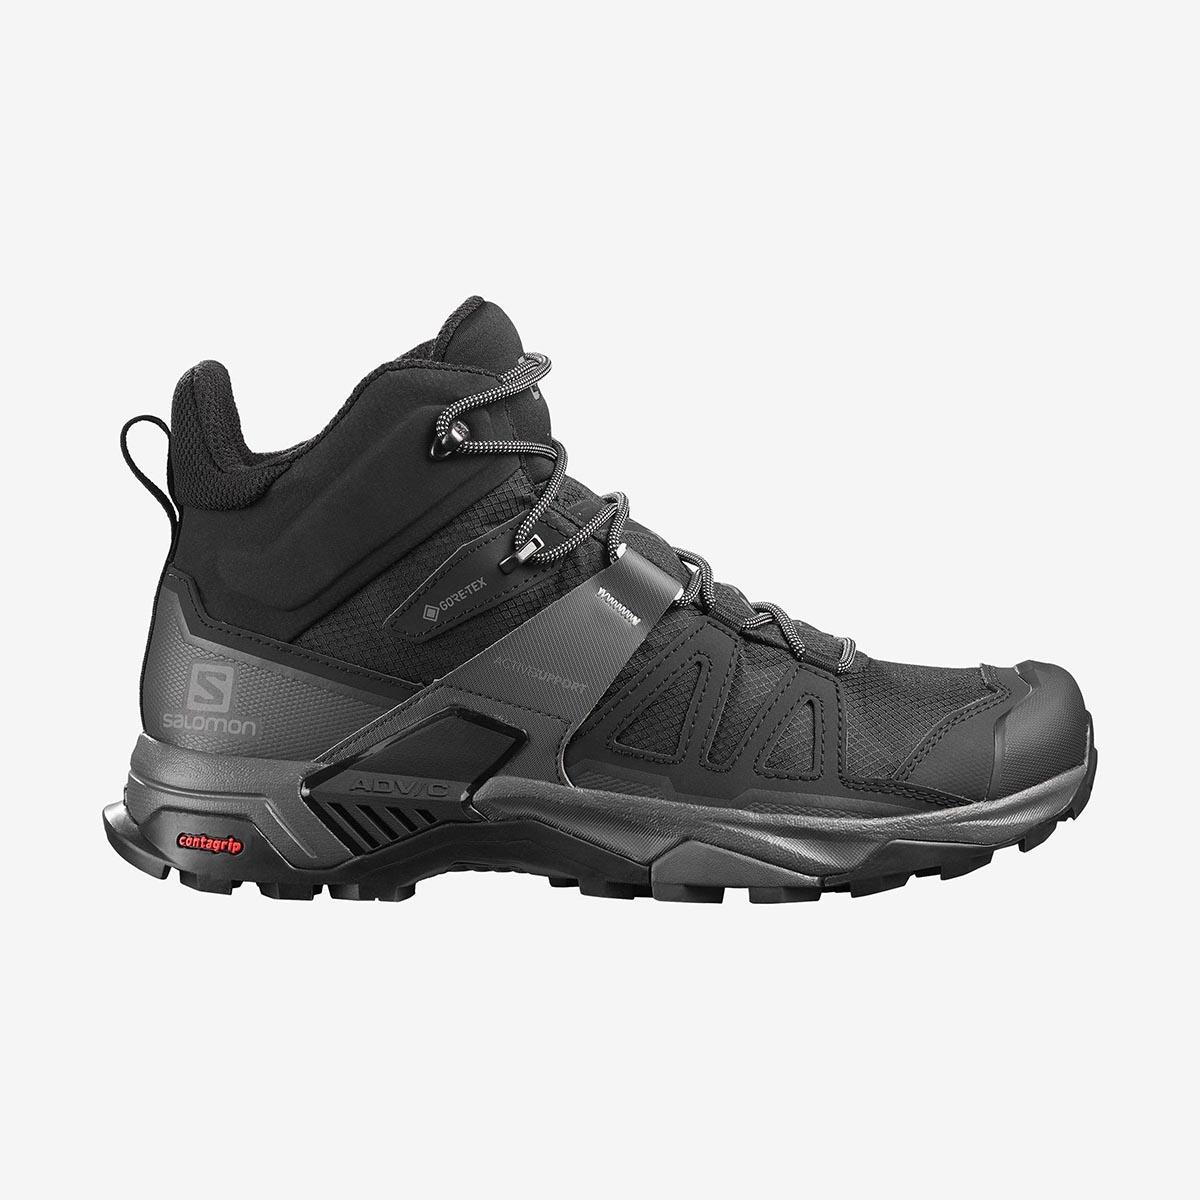 Salomon X Ultra 4 Mid Gtx Erkek Outdoor Ayakkabı L41293400